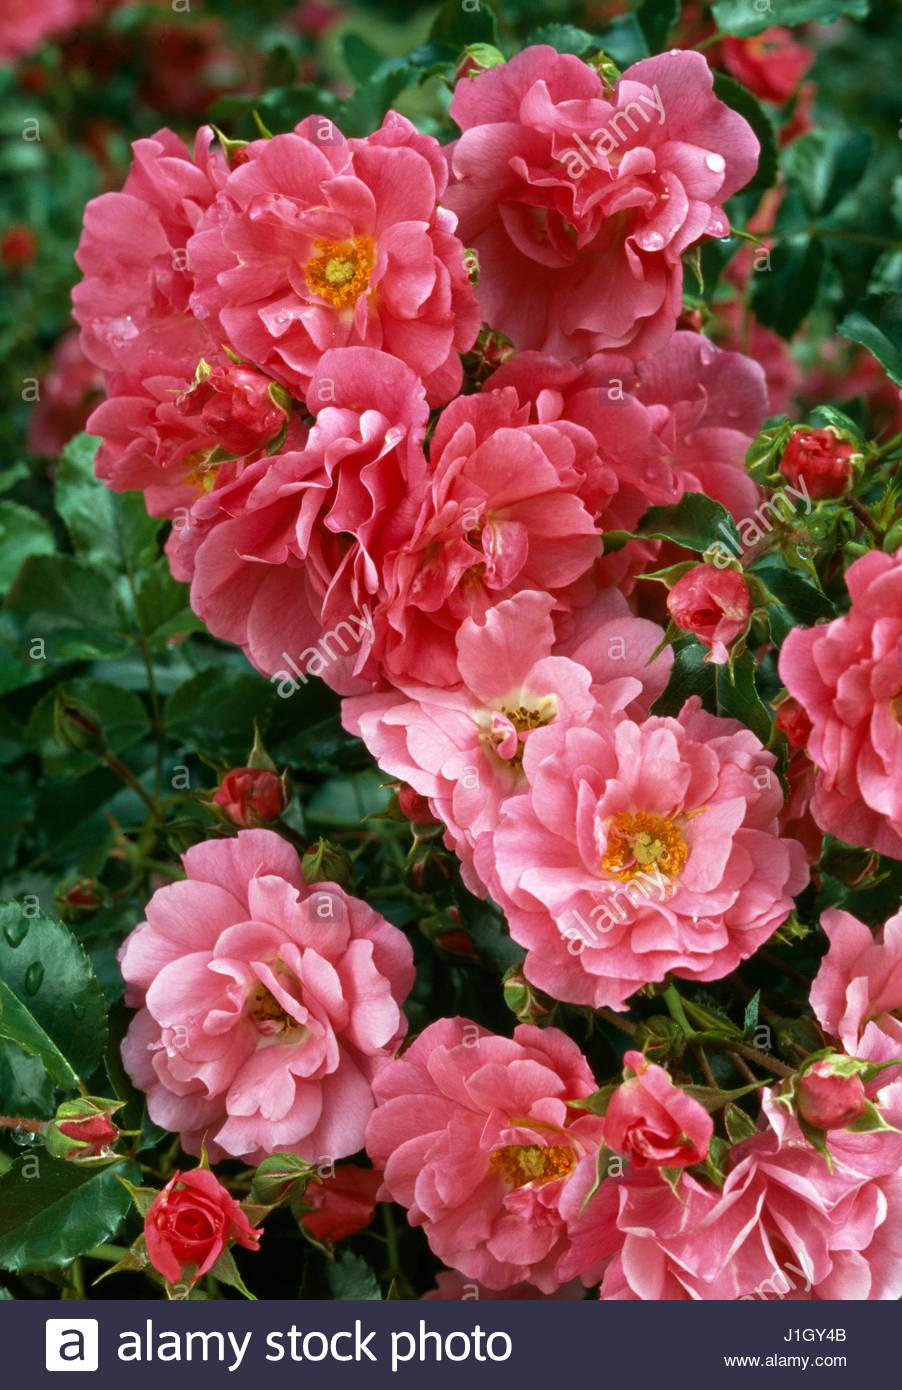 Rose Flower Carpet Stock Photos & Rose Flower Carpet Stock ...